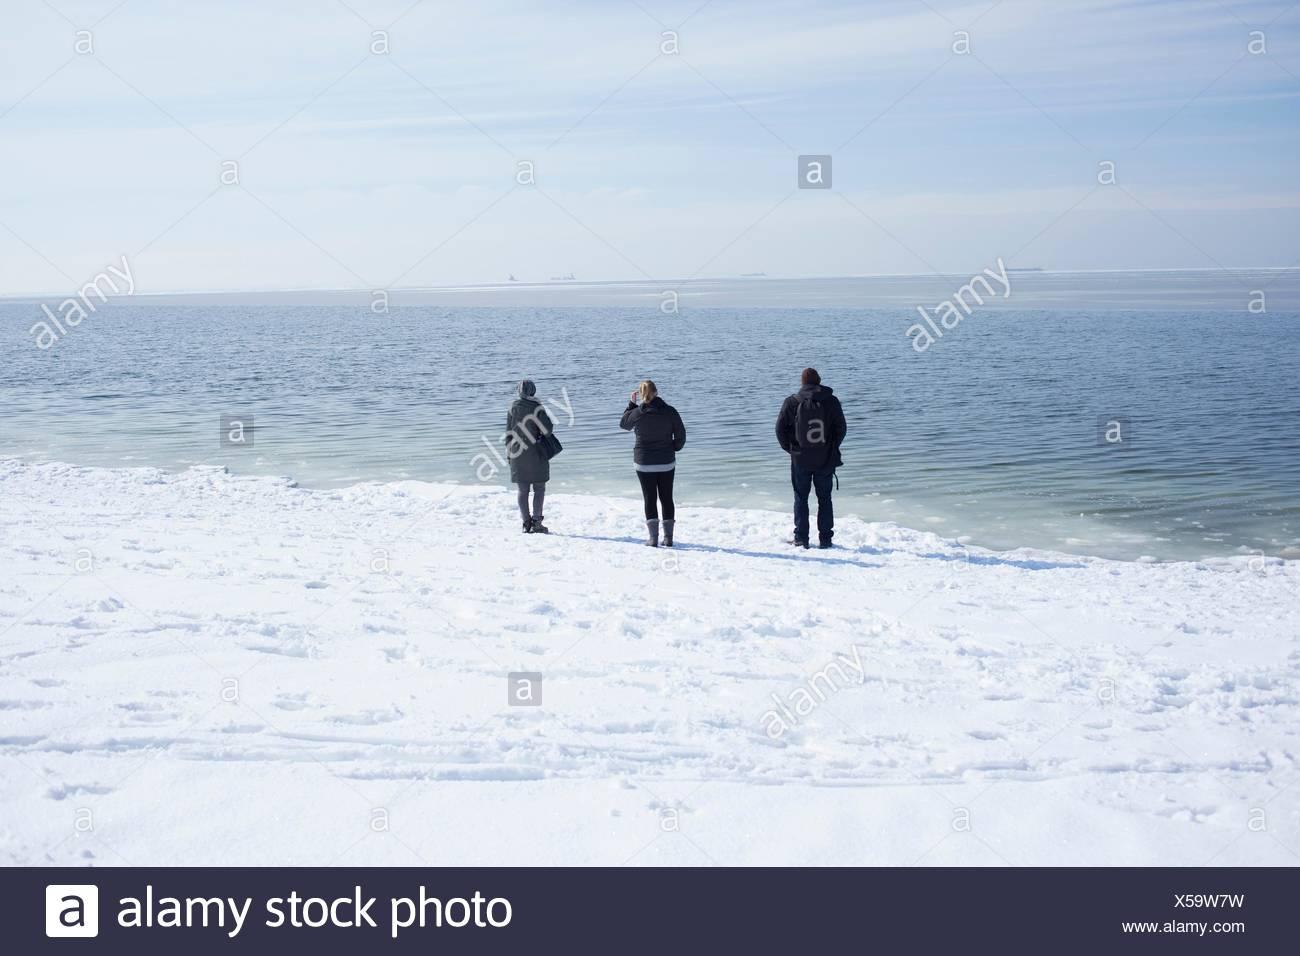 Tres adultos, mirando al mar, Fairfield, Connecticut, EE.UU. Imagen De Stock